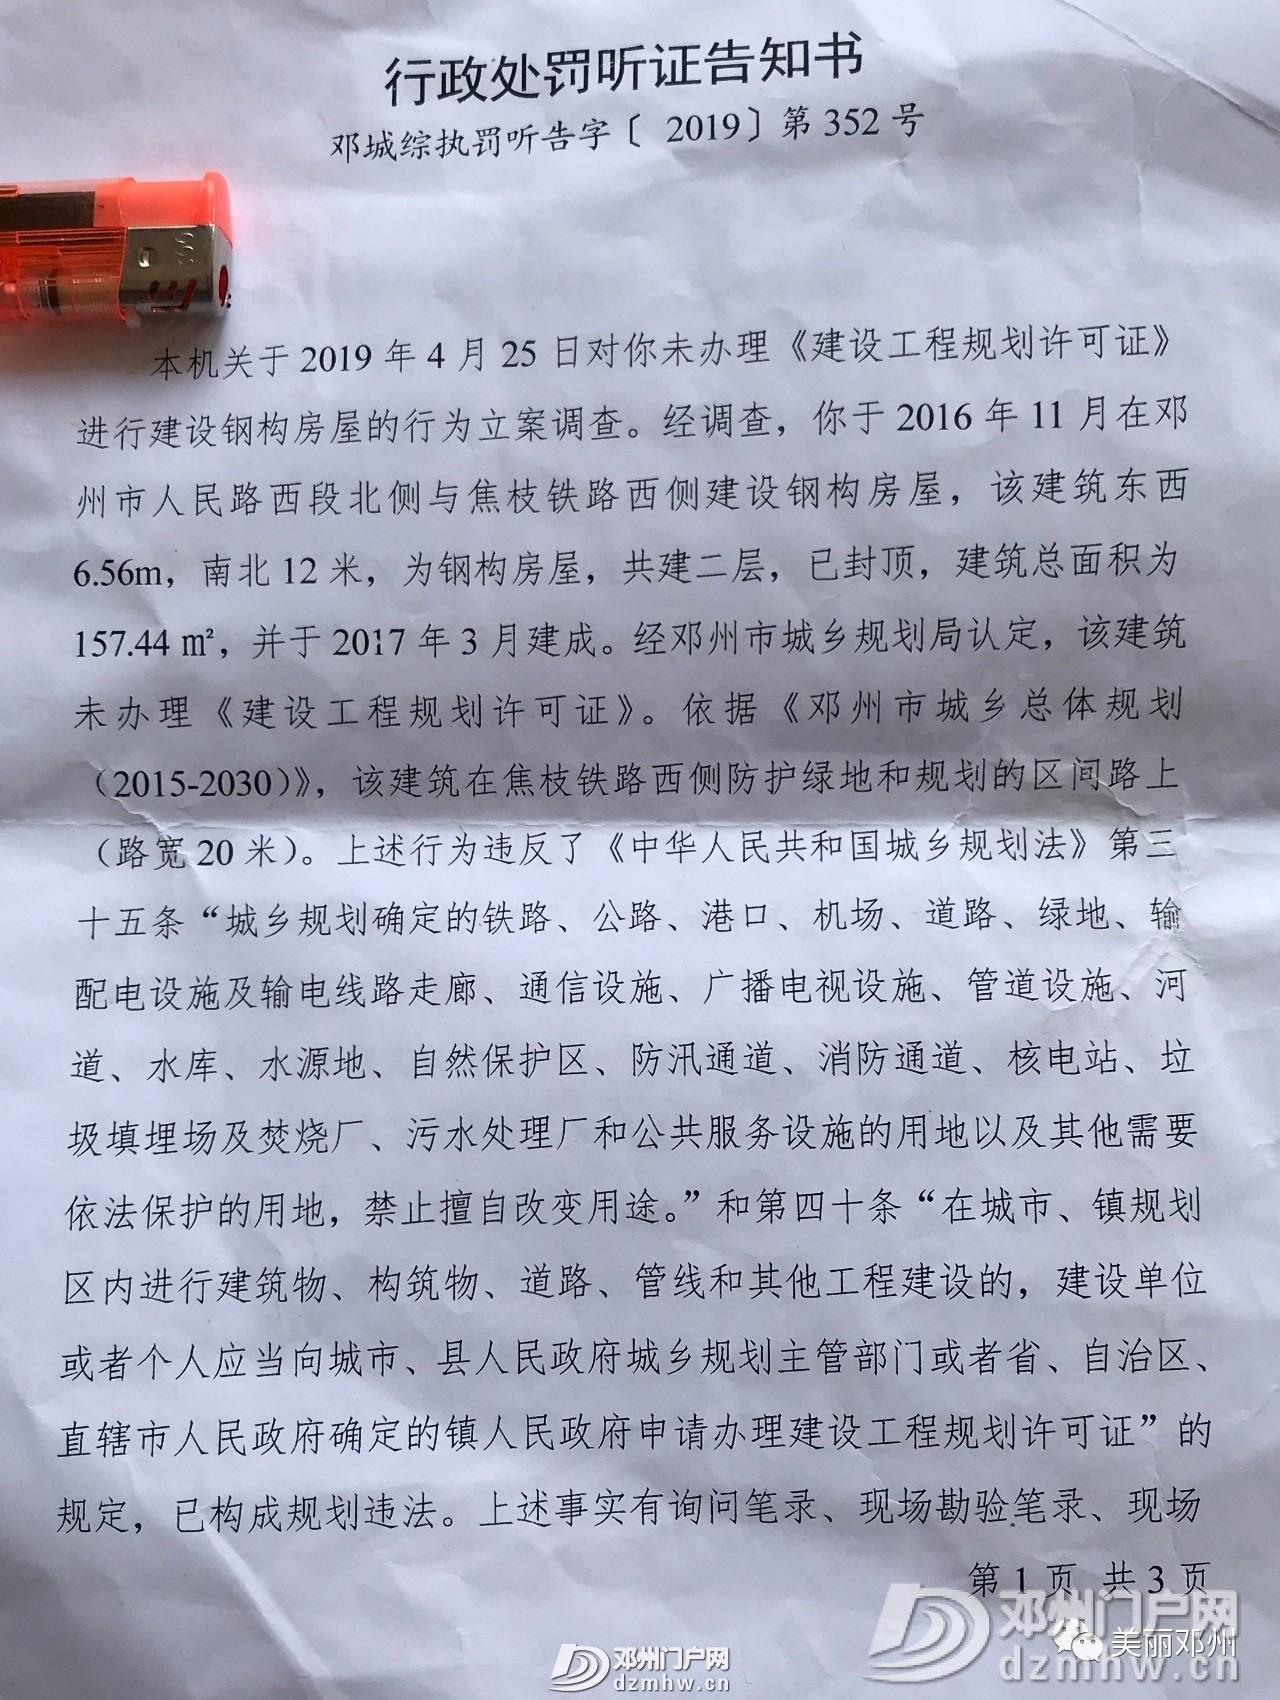 拆!拆!拆!邓州一孔桥旁已建成两年小区被强制拆除! - 邓州门户网|邓州网 - 039b1a2ec5fa5451bb6490834fef2031.jpg